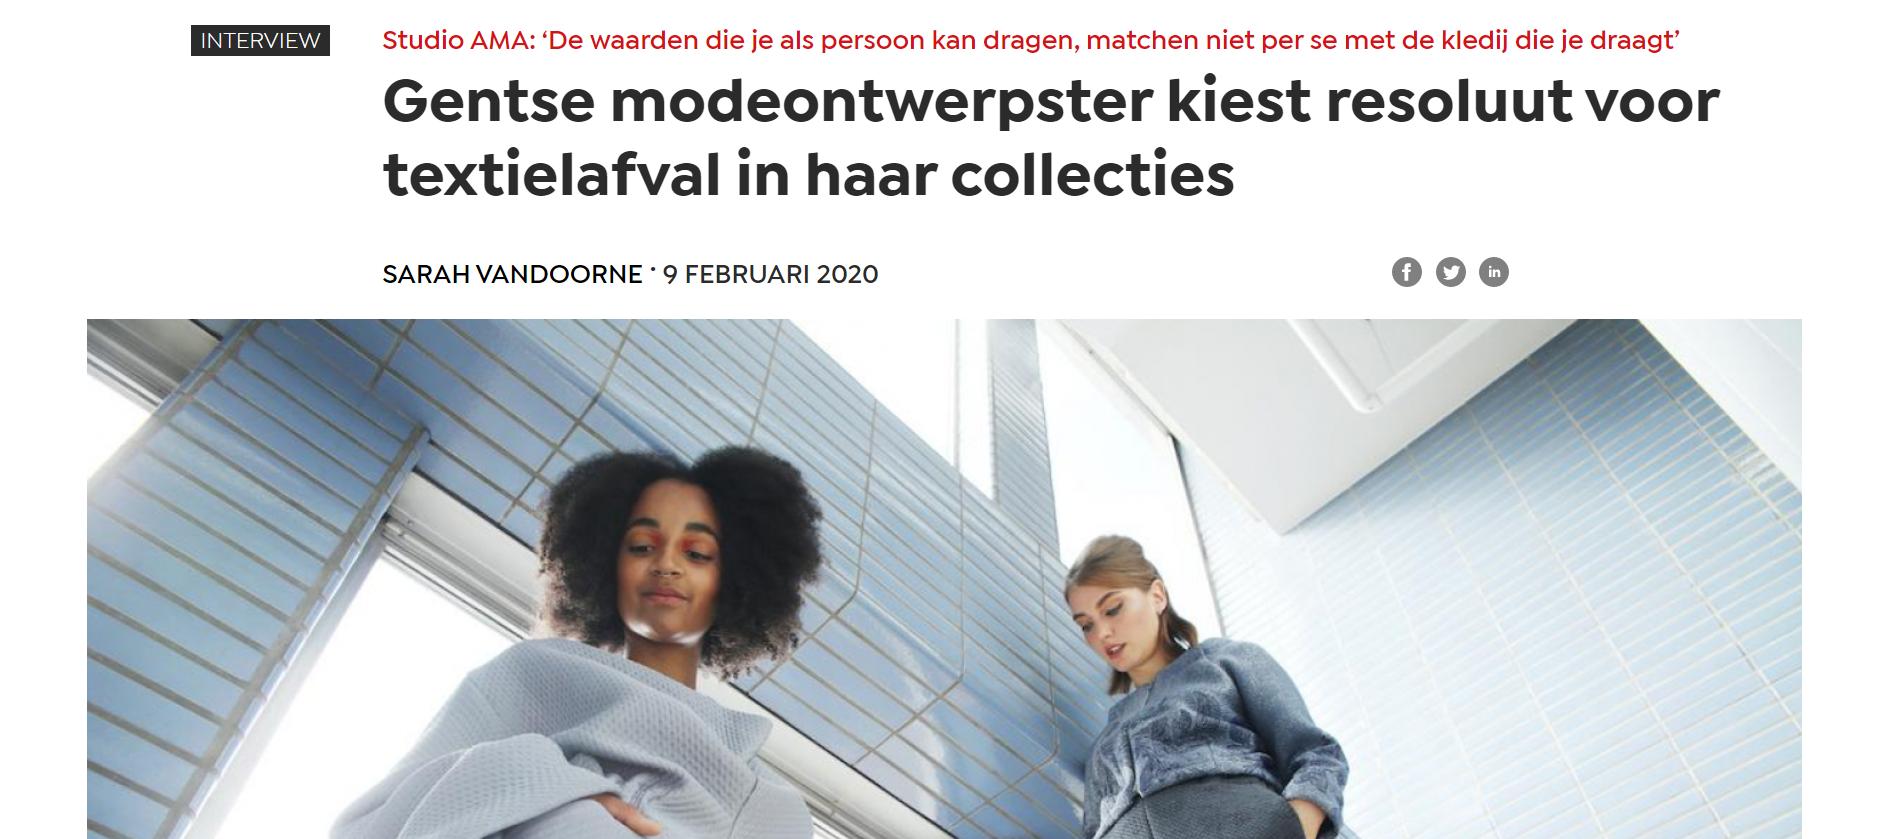 mondiaal nieuws pers modeontwerpster textielafval duurzaamheid